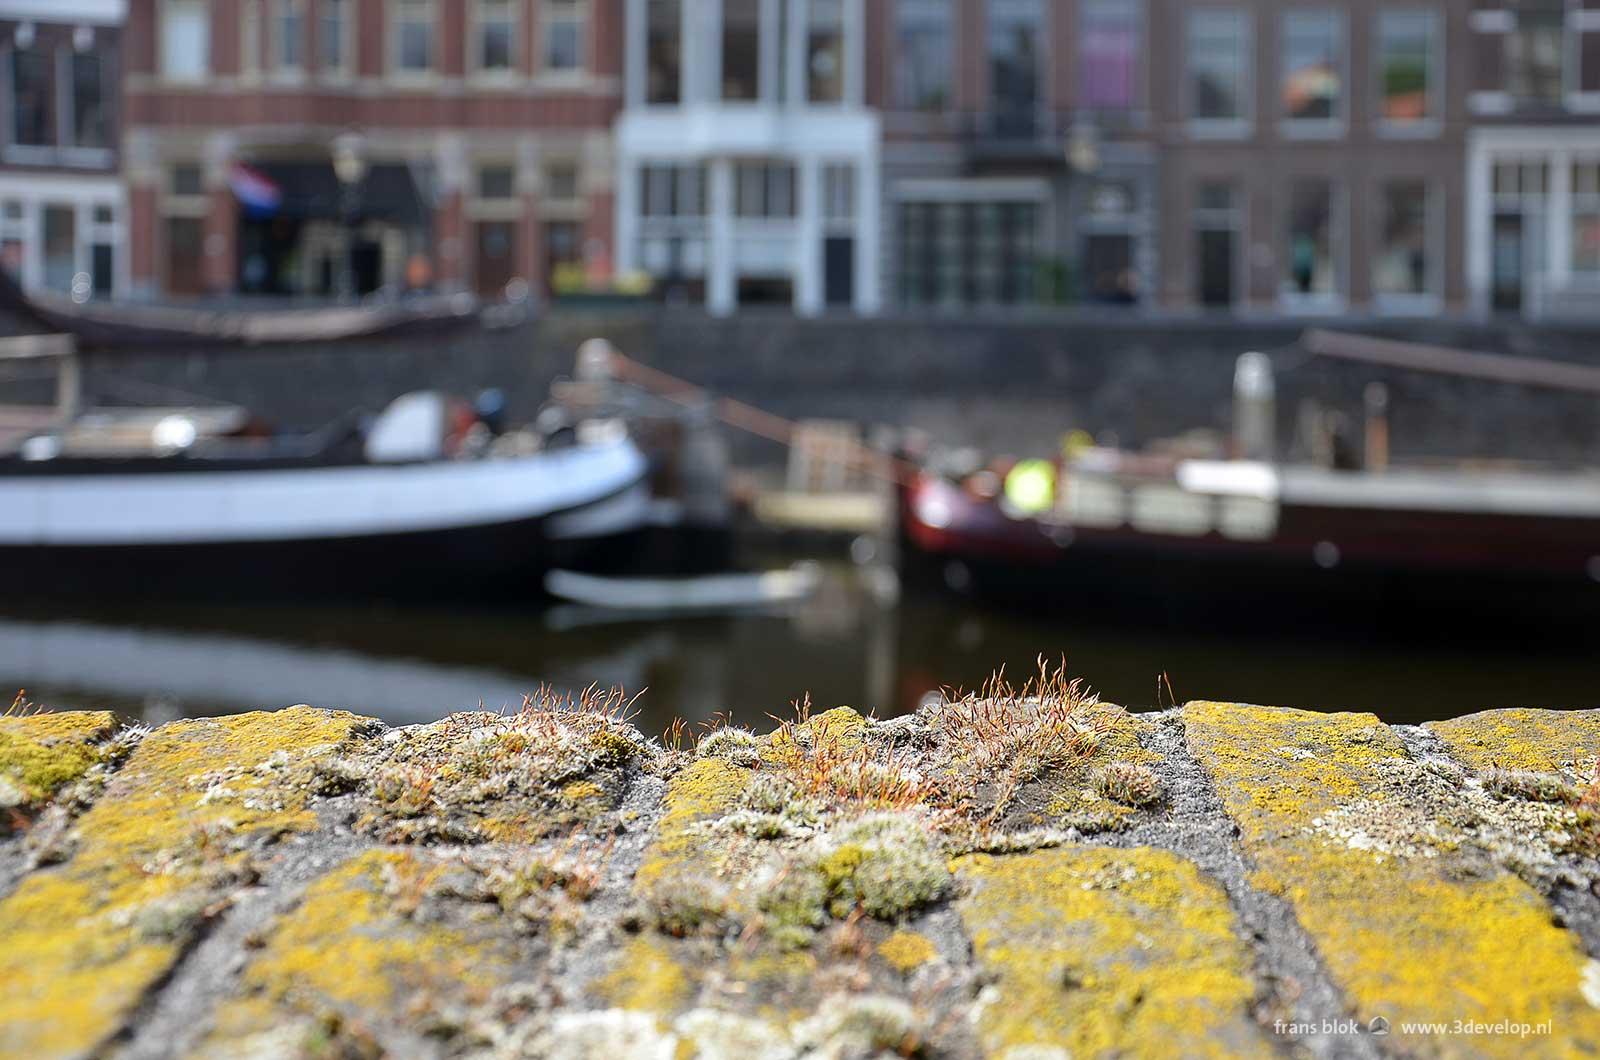 Close up van mos en andere kleinschalige begroeiing op een oud bakstenen muurtje in Delfshaven, Rotterdam met schepen, kade en panden onscherp op de achtergrond